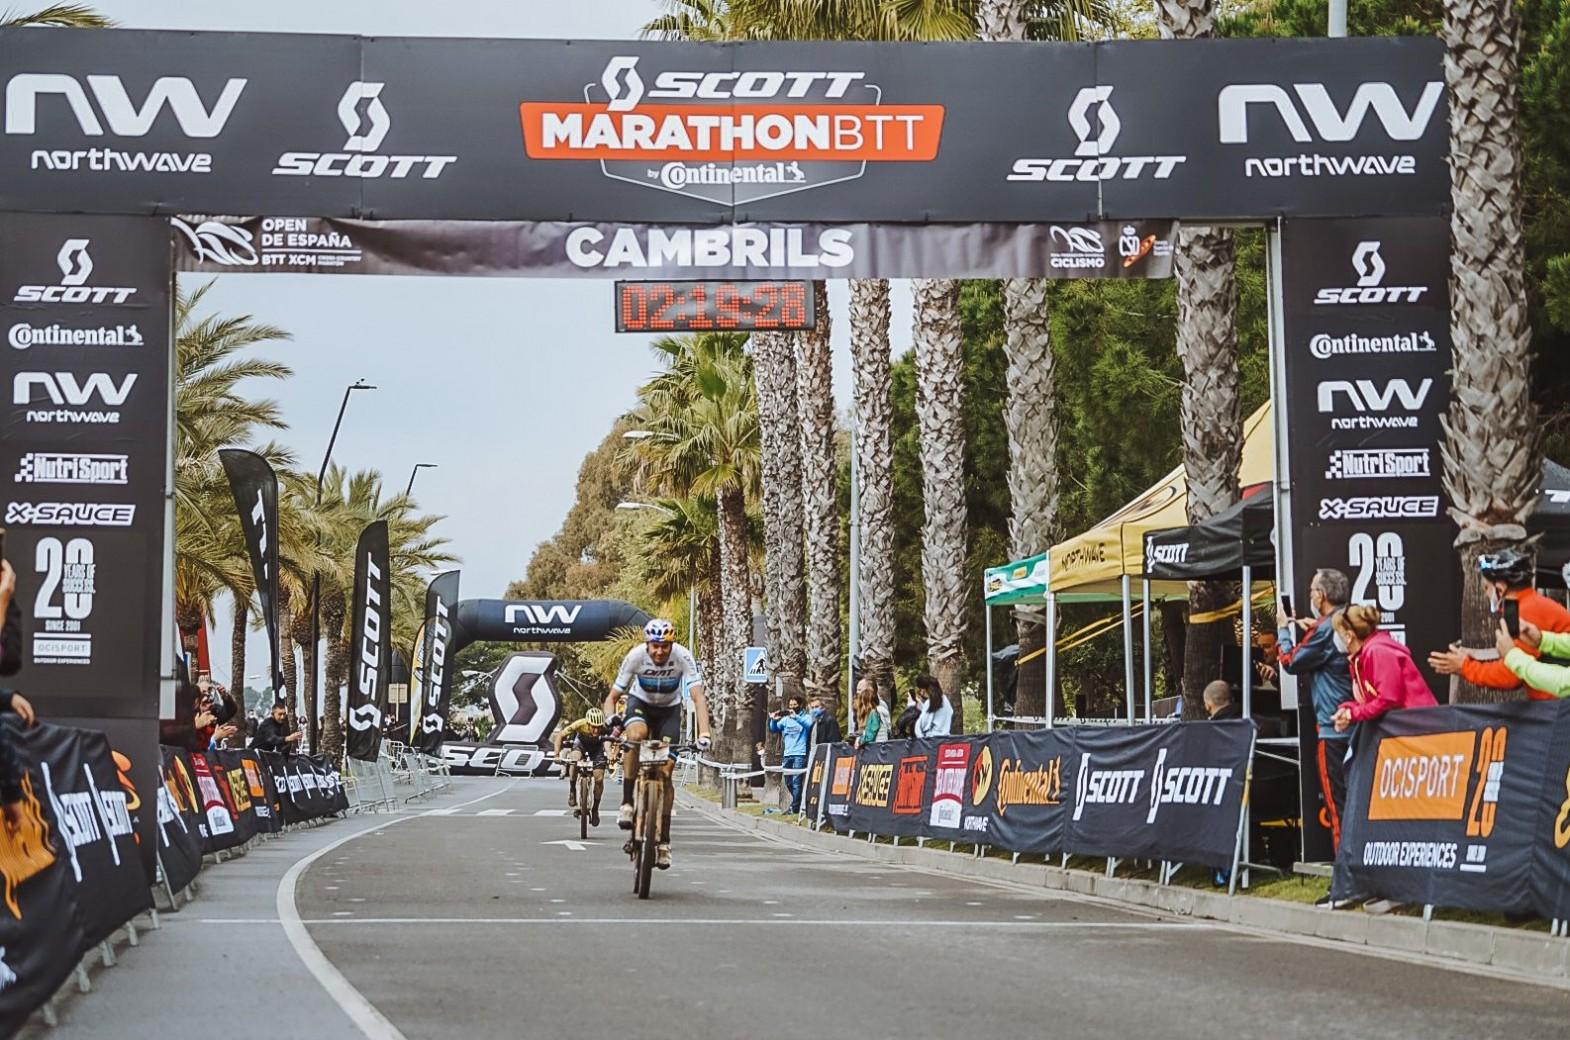 scott-marathon-btt-2021/